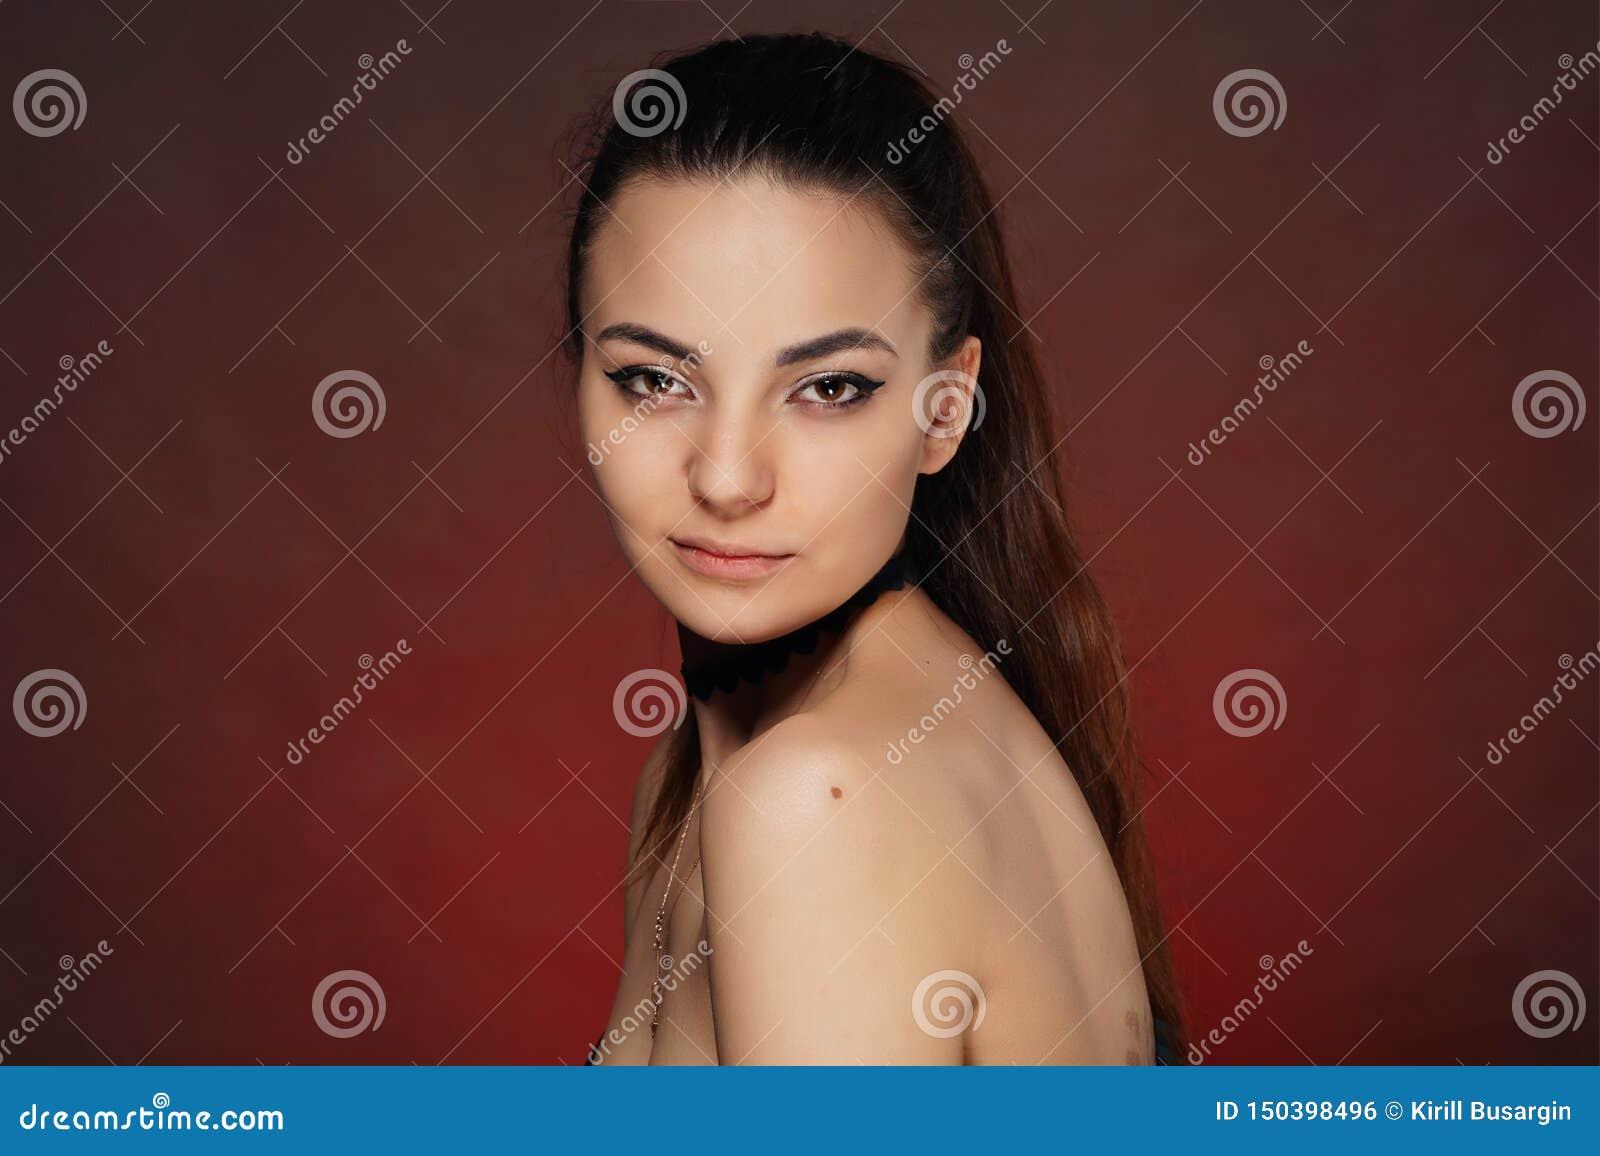 Piękna młoda dziewczyna w studiu na czerwonym tle